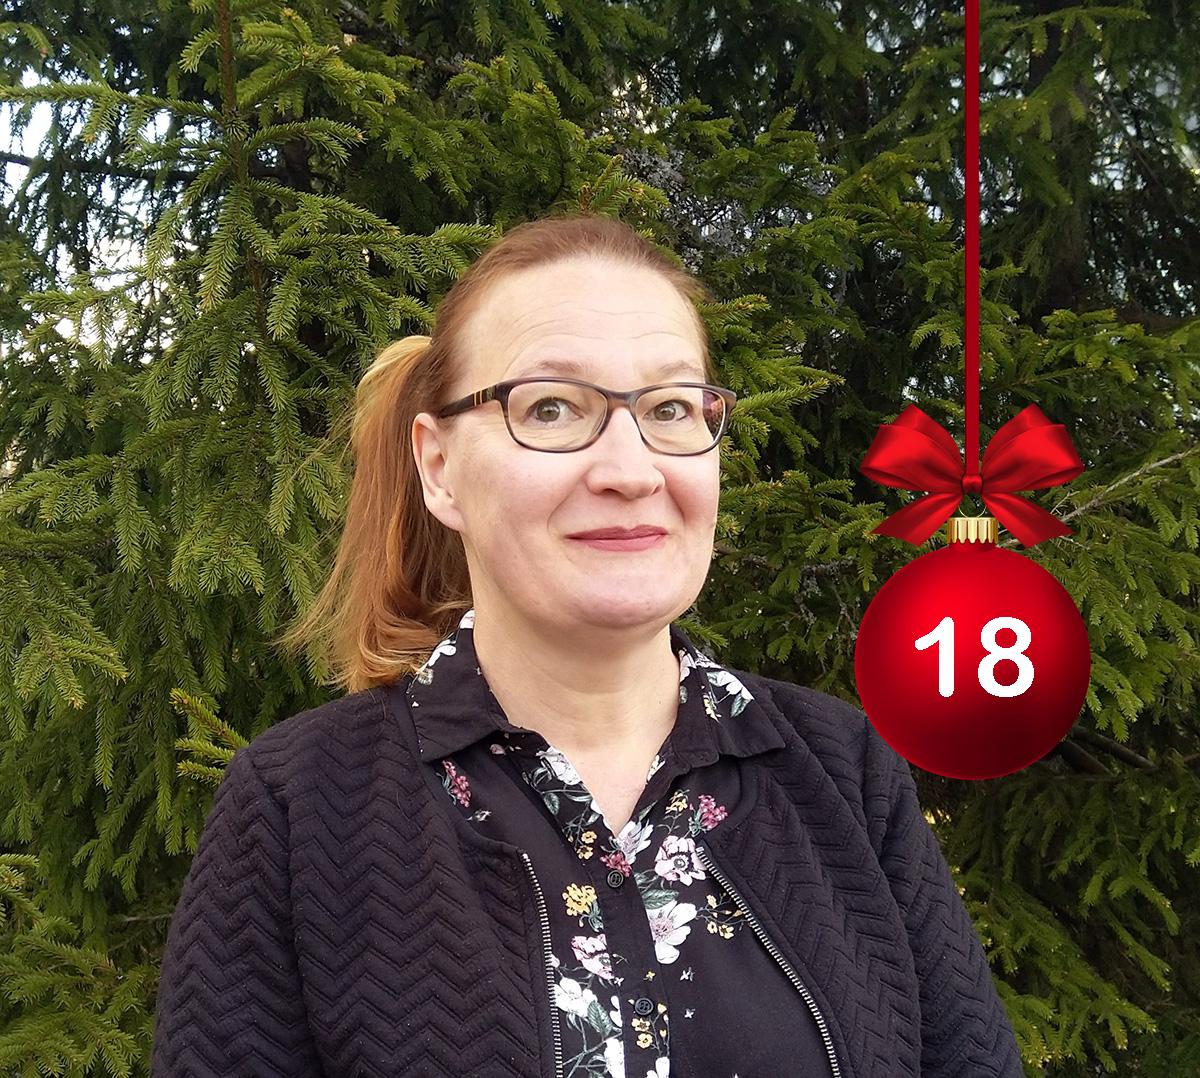 #HELYnteri luukku 18: Minkä viraston johtaja on kuvassa hymyilevä Eija Mannisenmäki?   A) Hämeen työvoimatoimiston johtaja  B) Hämeen TE-keskuksen johtaja  C) Hämeen työ- ja elinkeinotoimiston (TE-toimiston) johtaja  @TEpalvelutHAM https://t.co/v0RV9aX7Xa